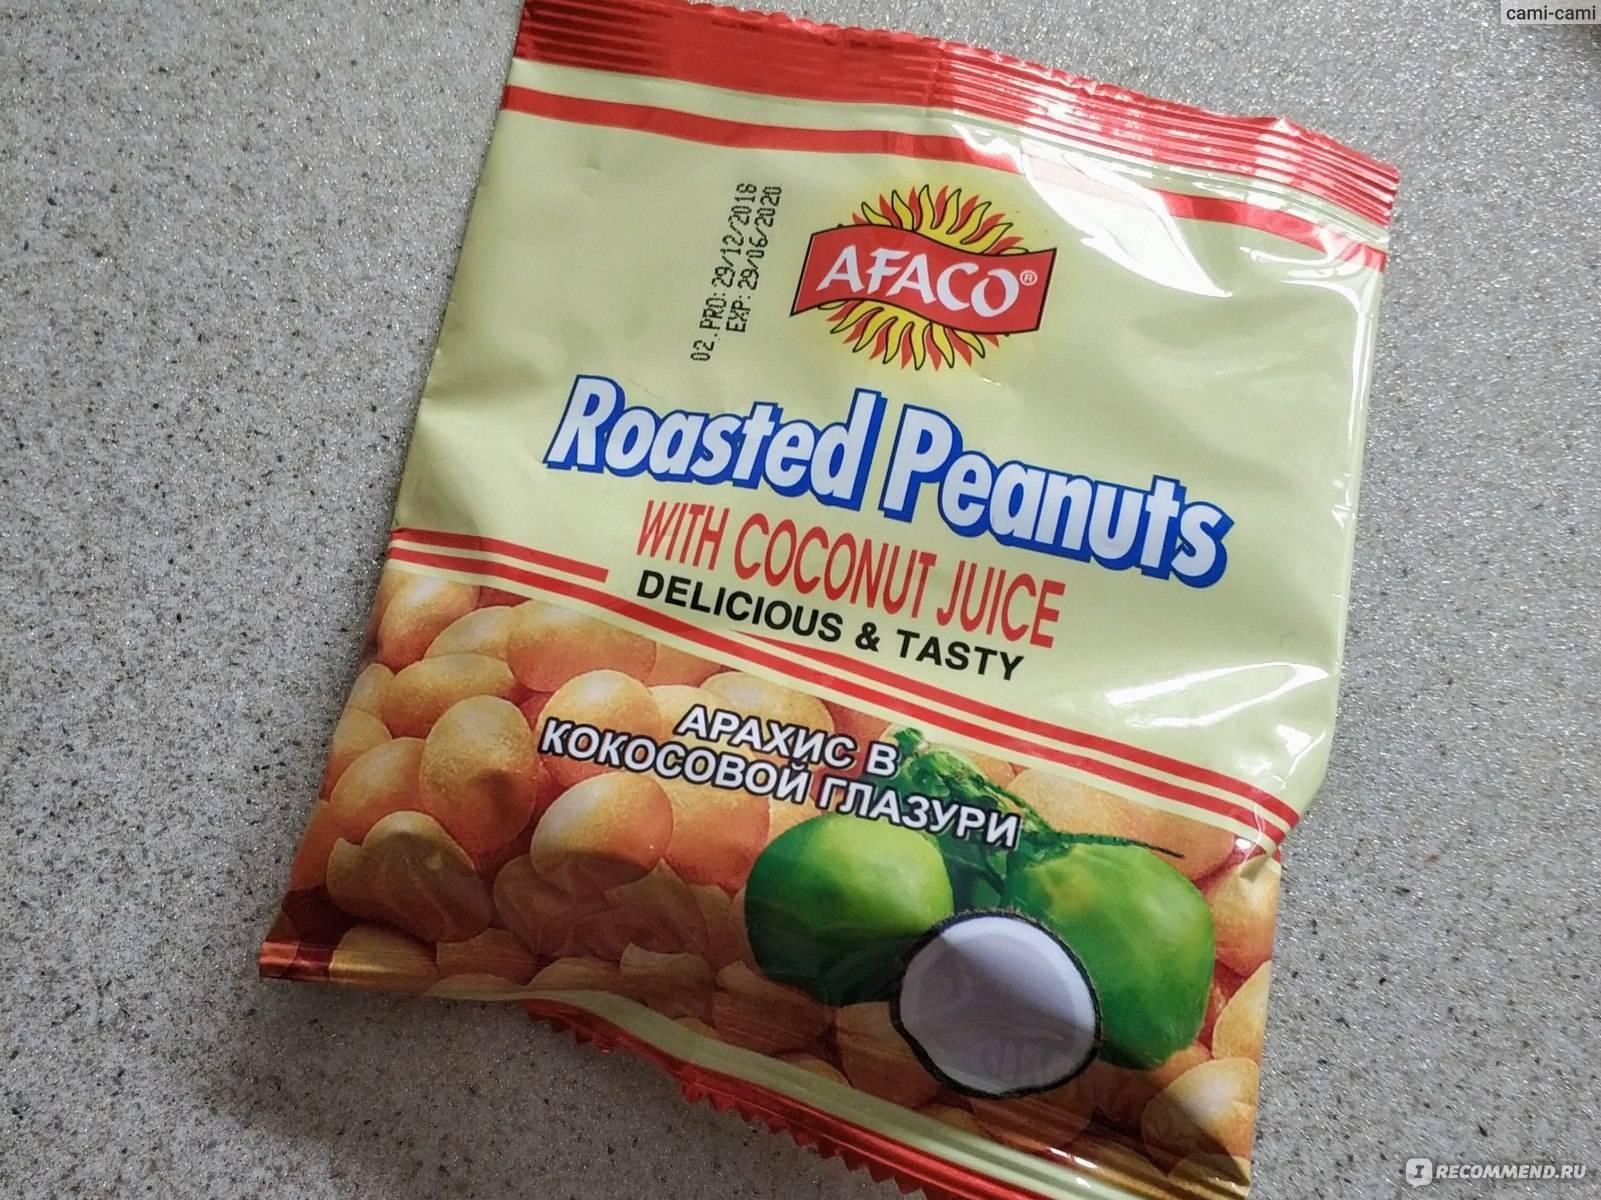 Арахис в кокосовой глазури: лакомство для настоящих гурманов